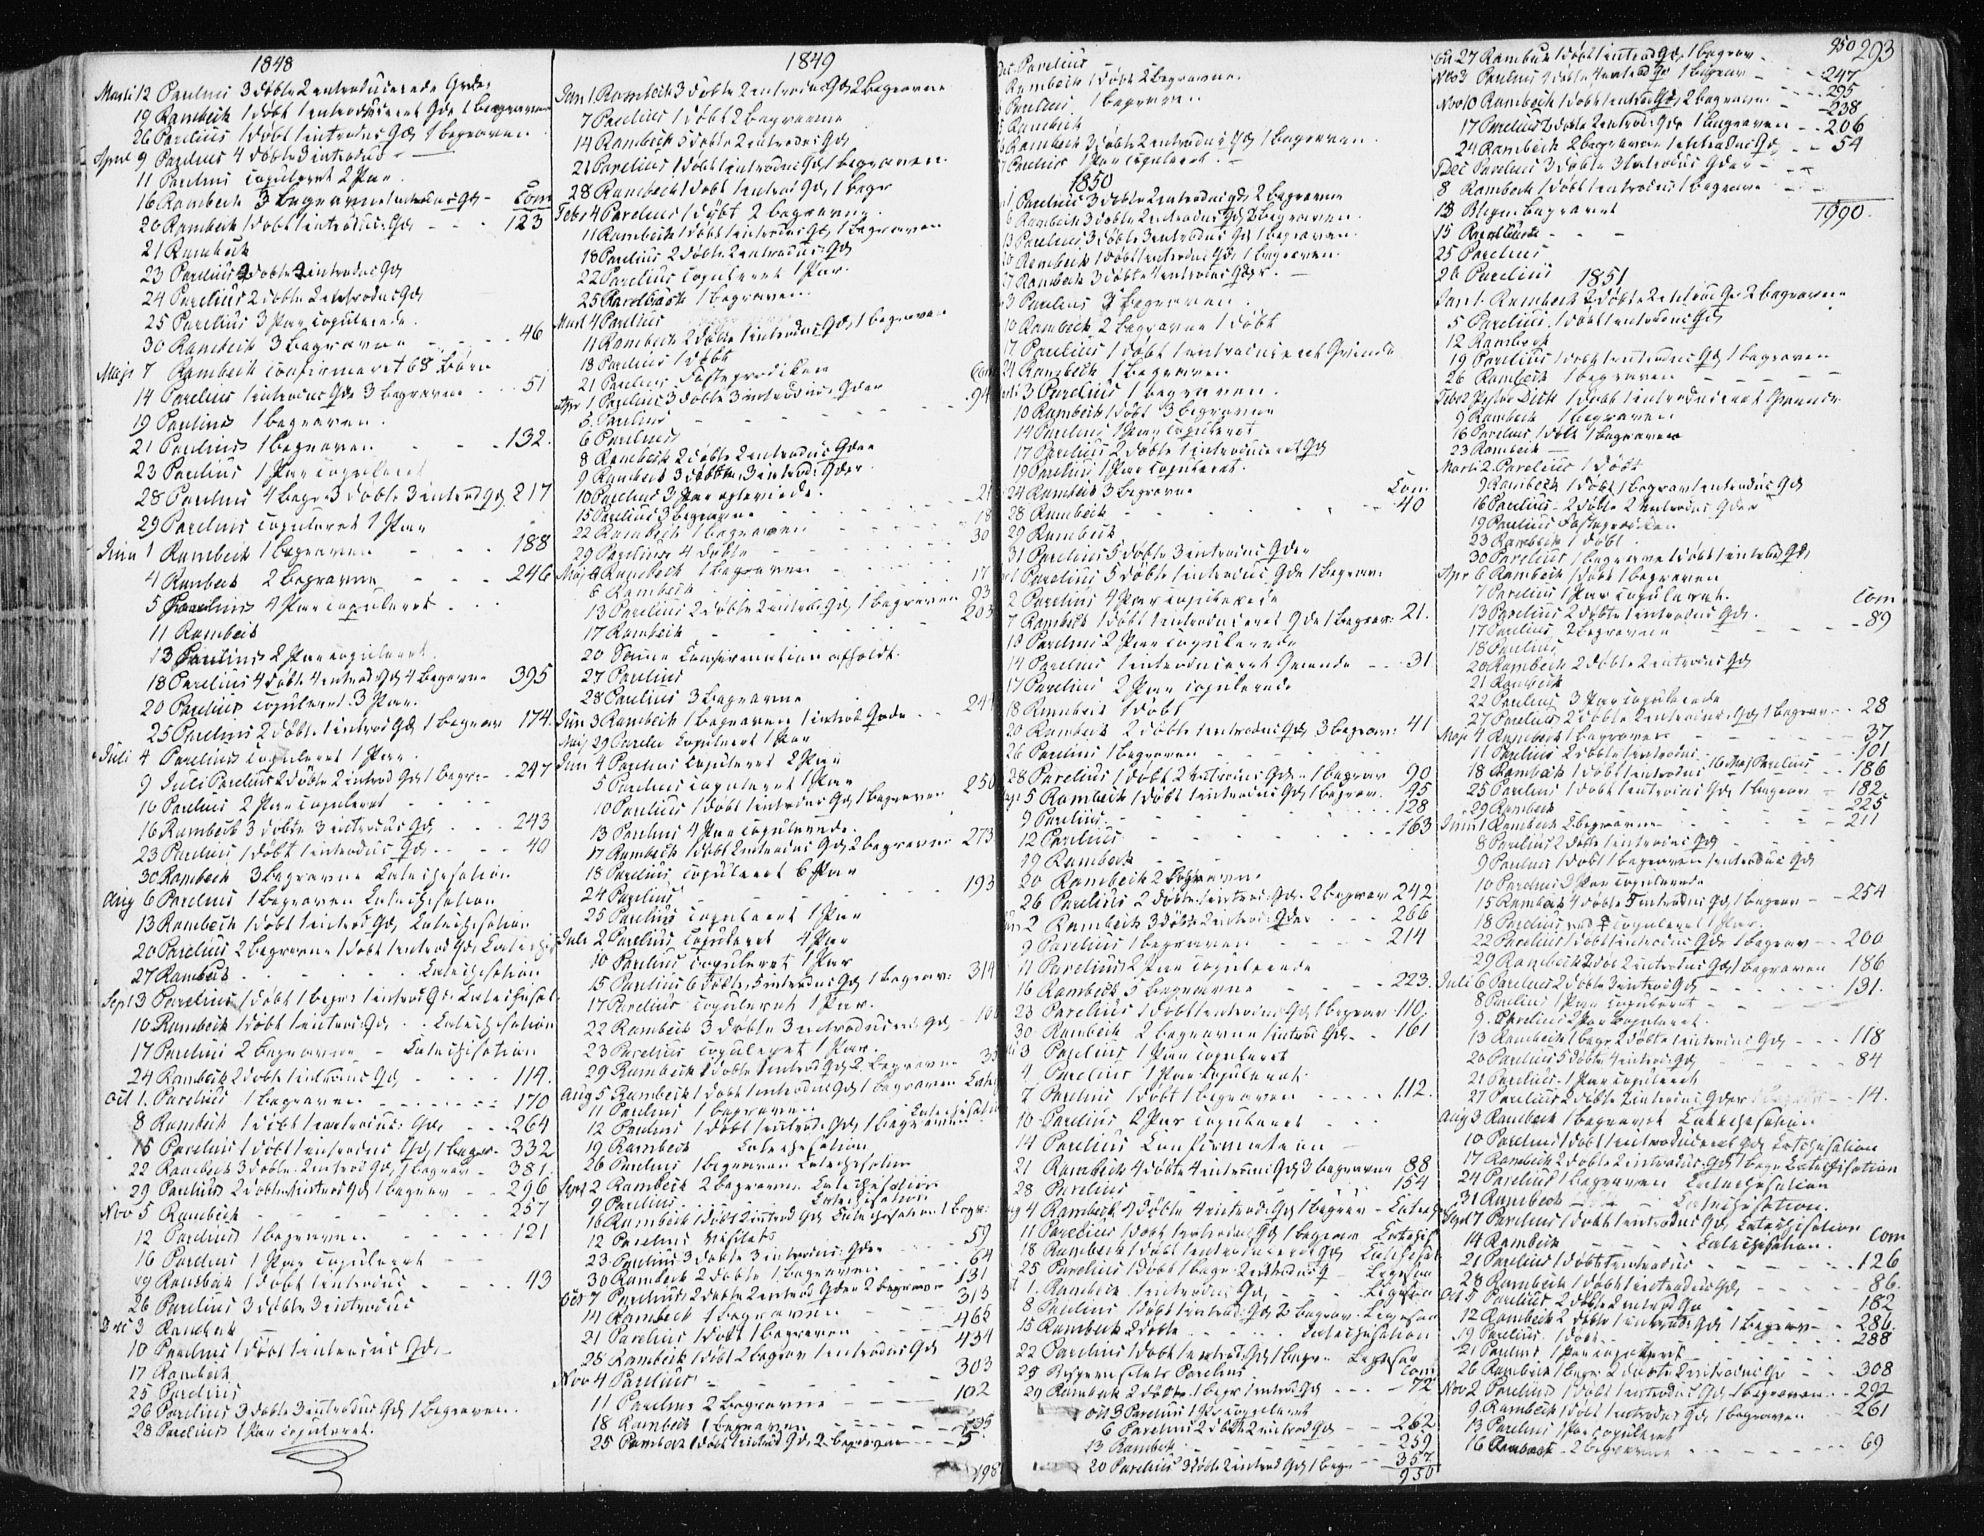 SAT, Ministerialprotokoller, klokkerbøker og fødselsregistre - Sør-Trøndelag, 672/L0855: Ministerialbok nr. 672A07, 1829-1860, s. 293